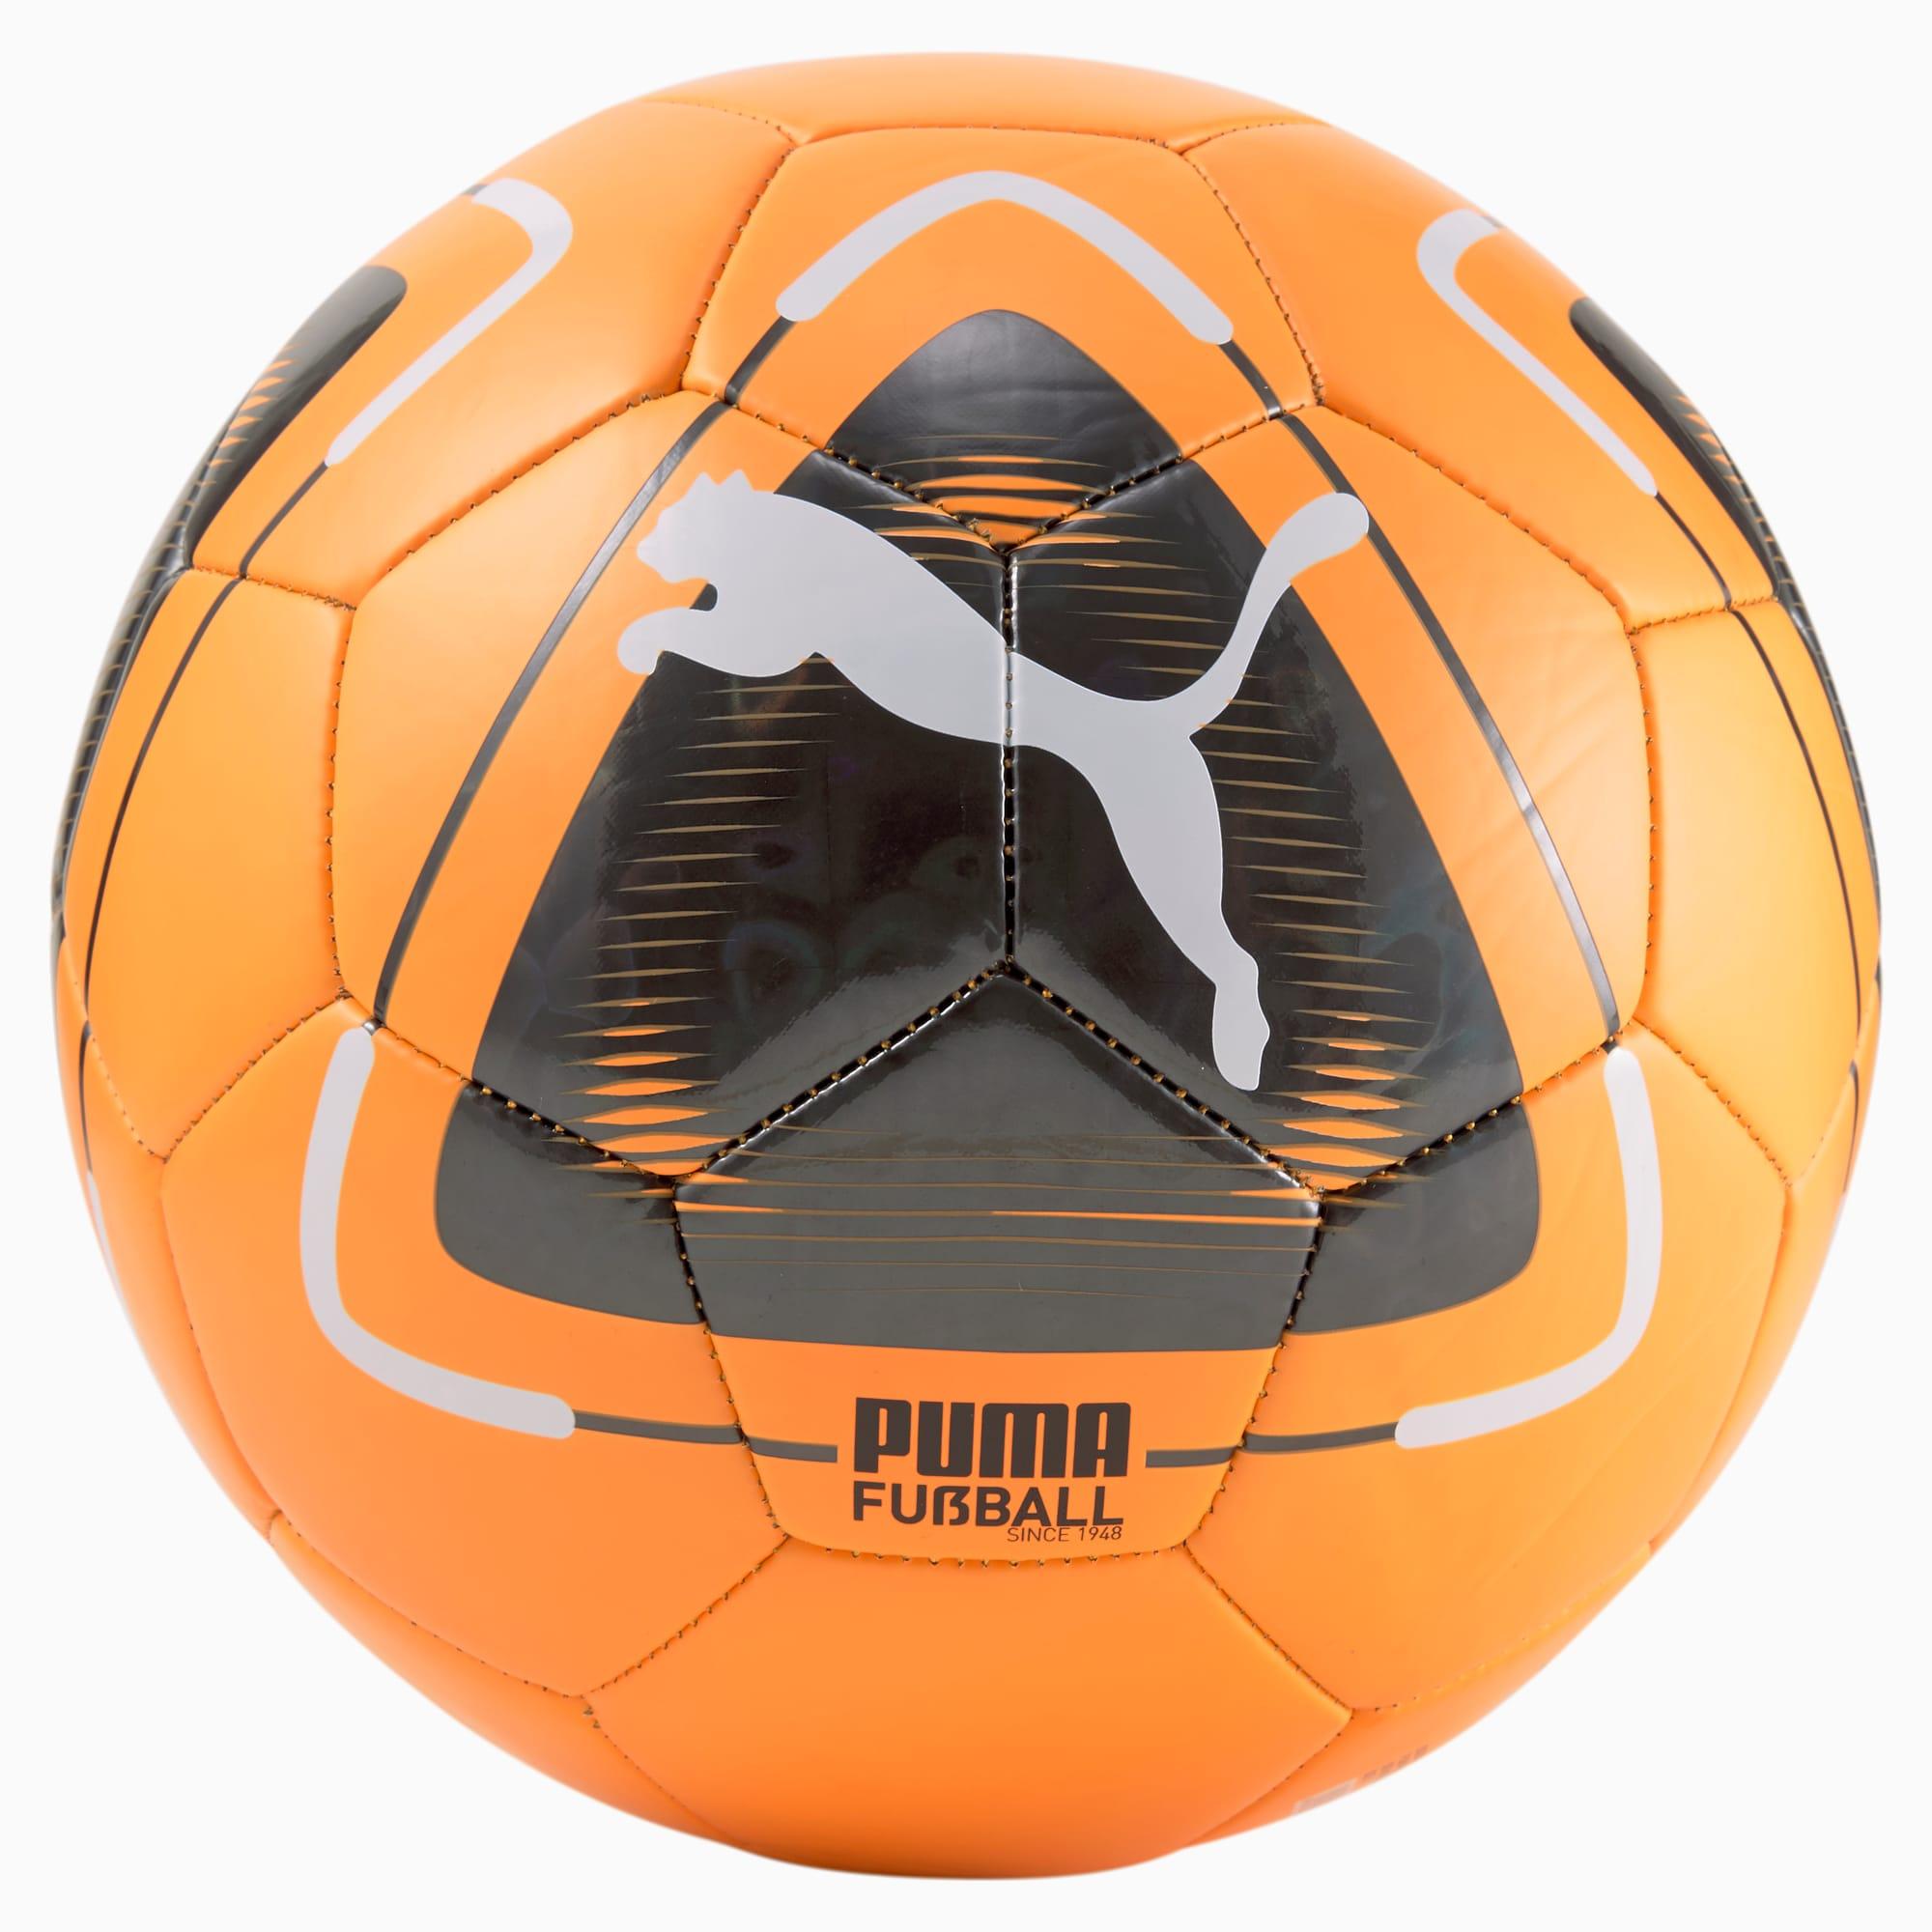 Pallone da calcio FUßBALL Park per uomo, Nero/Arancione, Taglia 3   PUMA